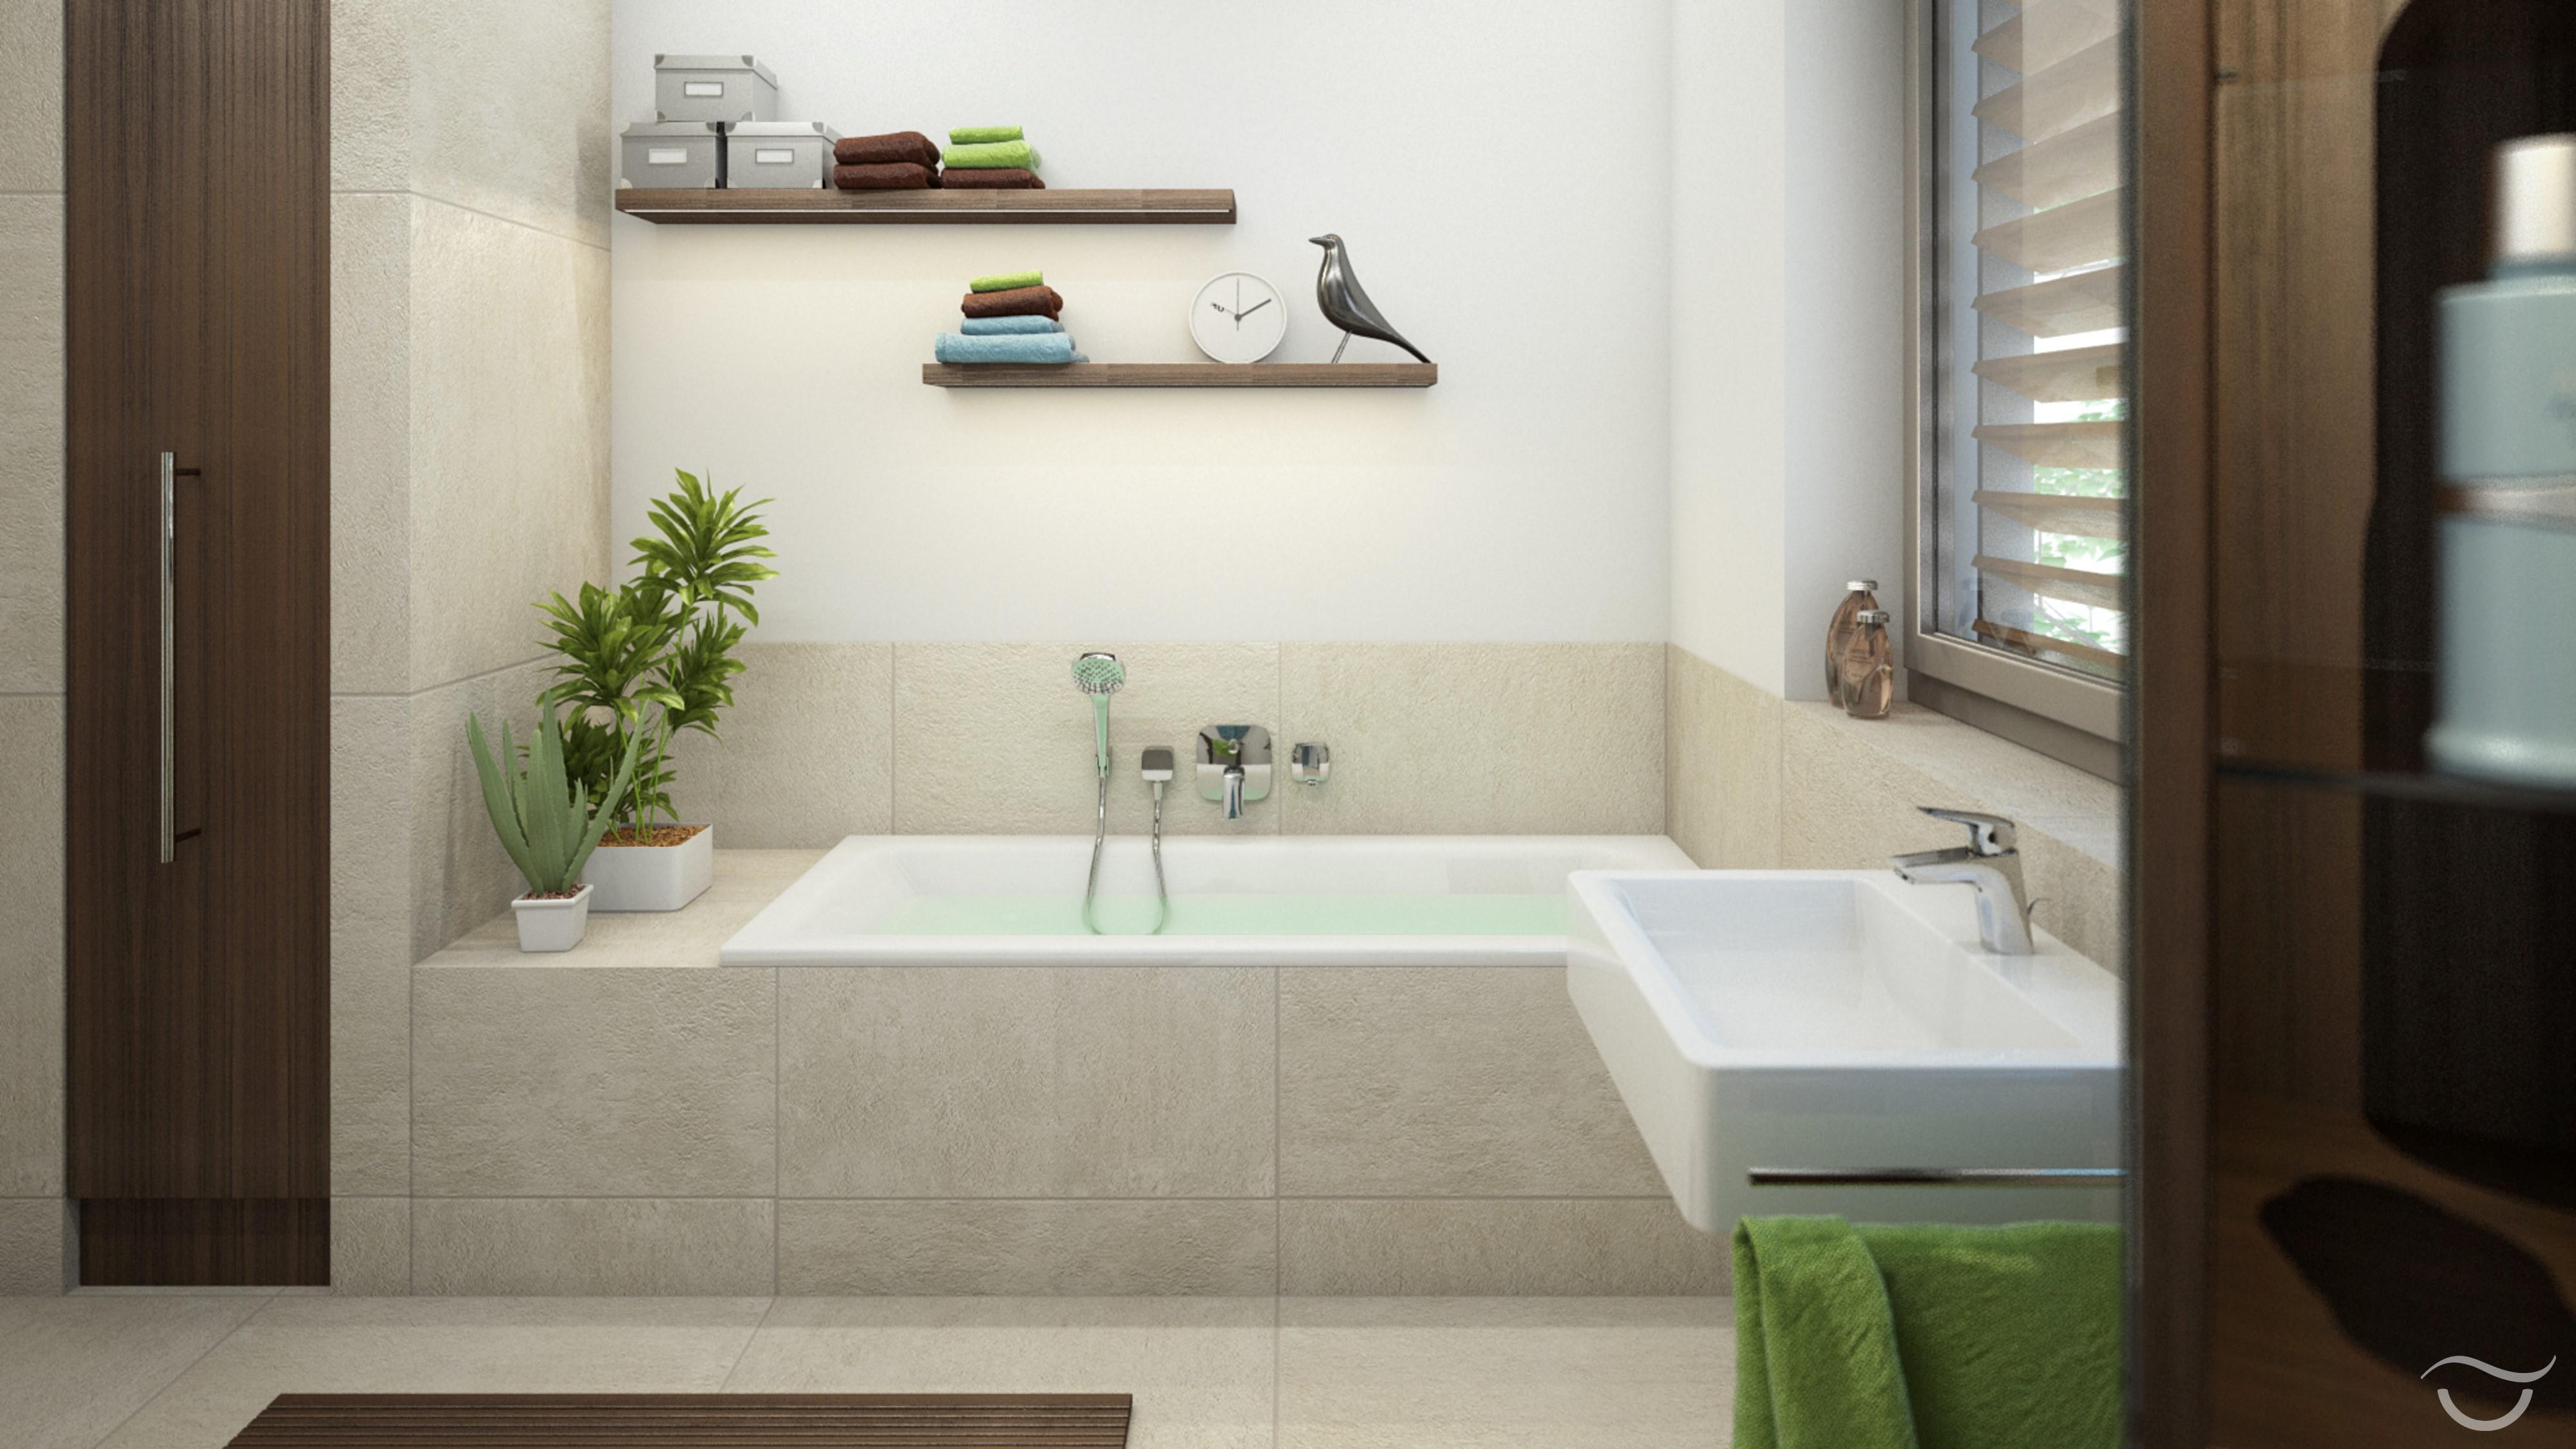 AuBergewohnlich Wunderschöne Eingemauerte Badewanne Lädt Zum Verweilen Ein #badewanne  #naturstein #einbauschrank ©Banovo GmbH